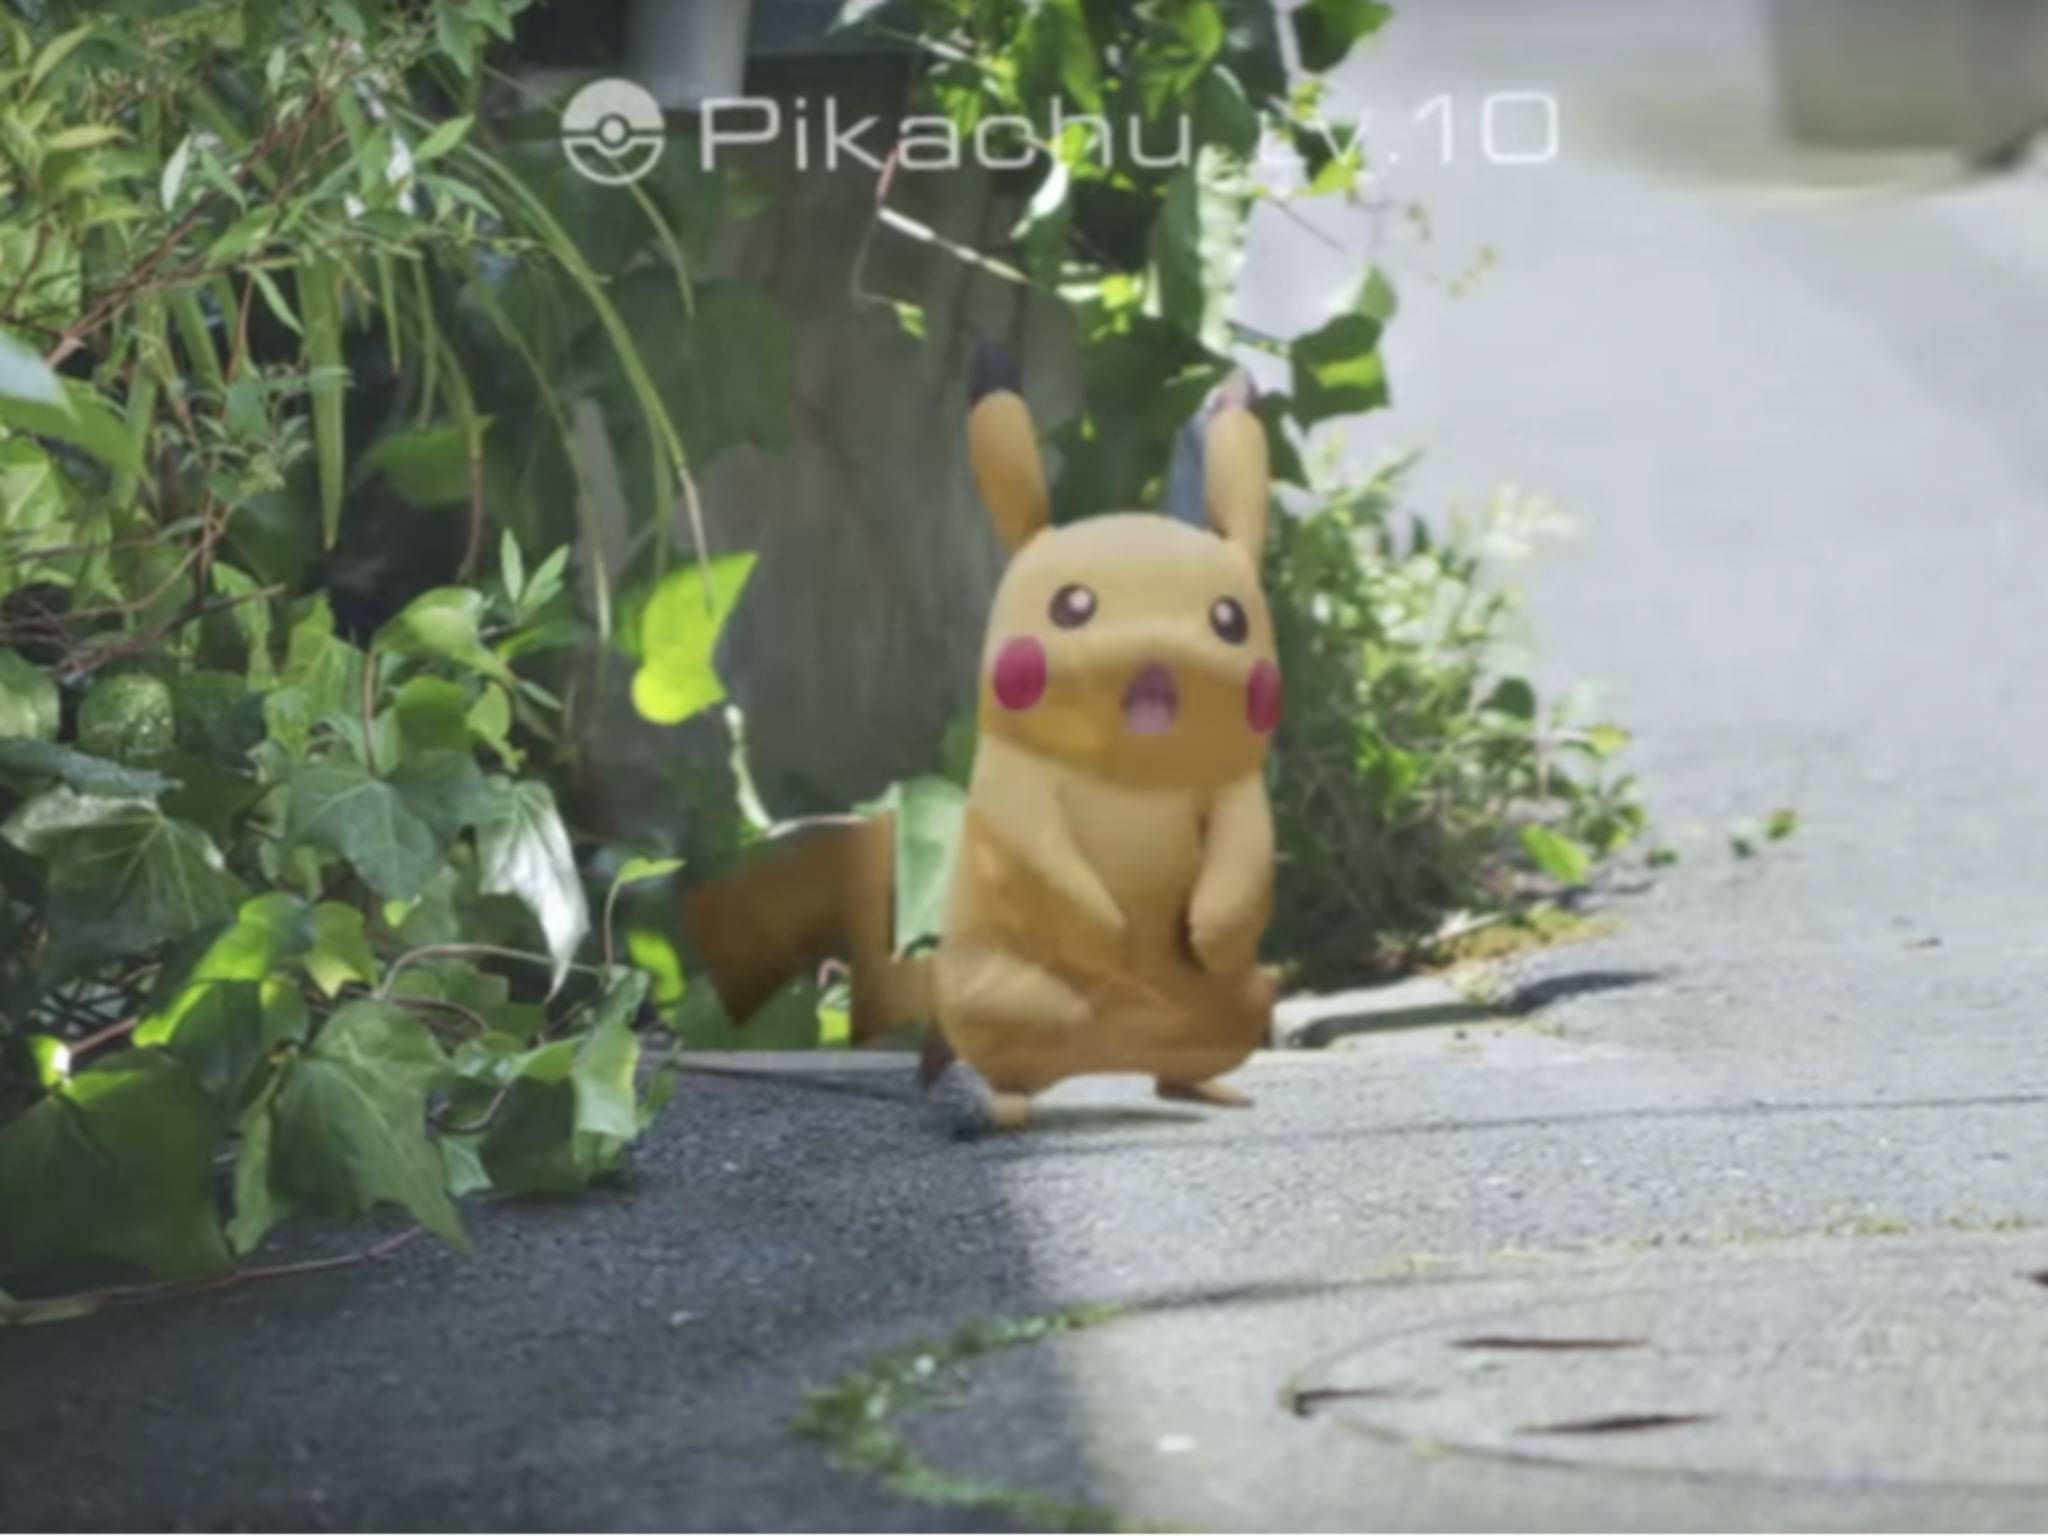 Je geschickter Du die Pokémon fängst, desto mehr Erfahrungspunkte erhältst Du.